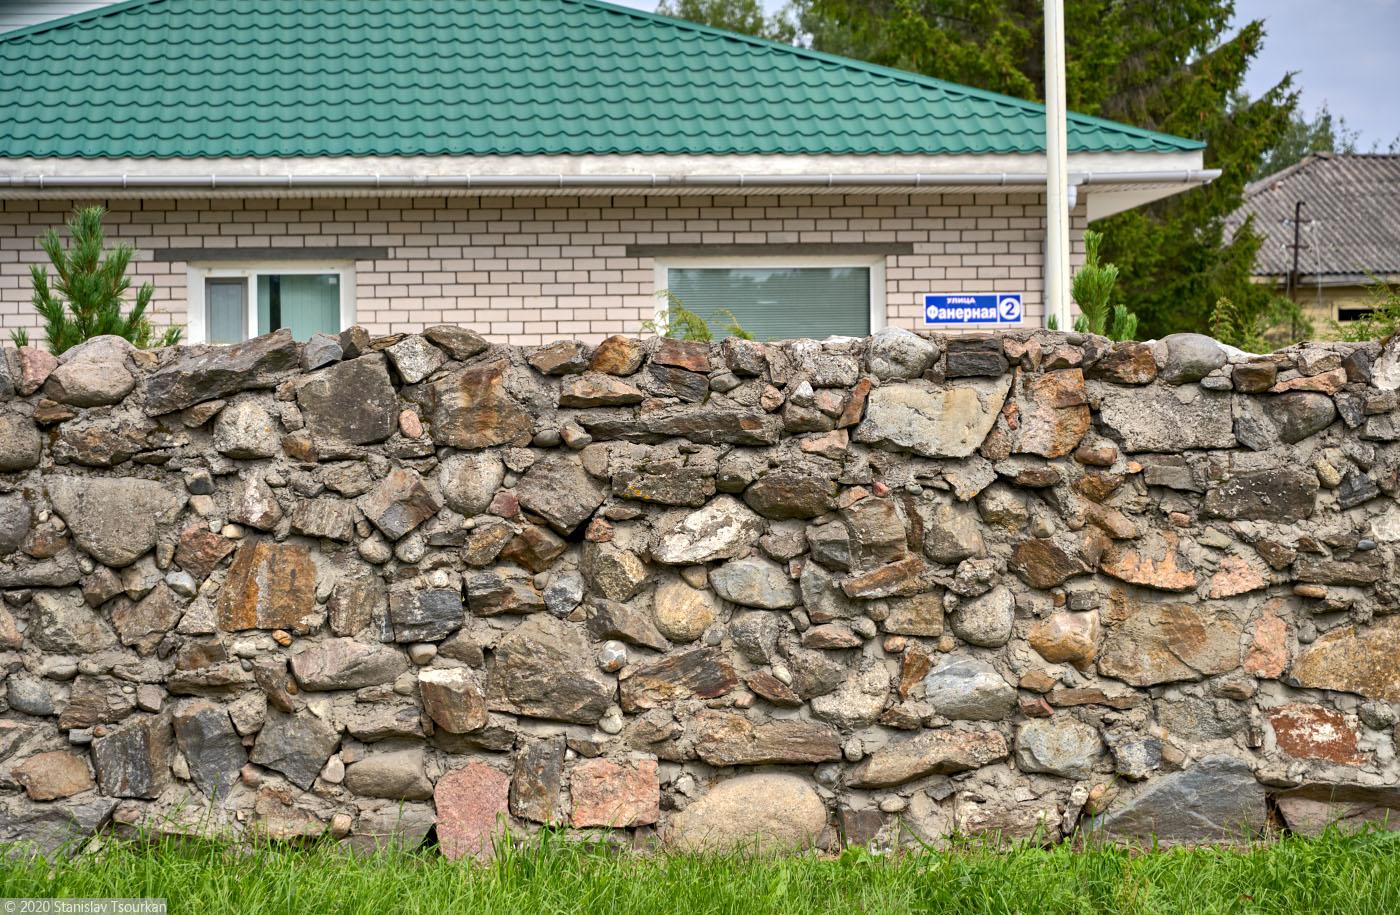 Лахденпохья, Карелия, республика Карелия, фанерная улица, каменный забор